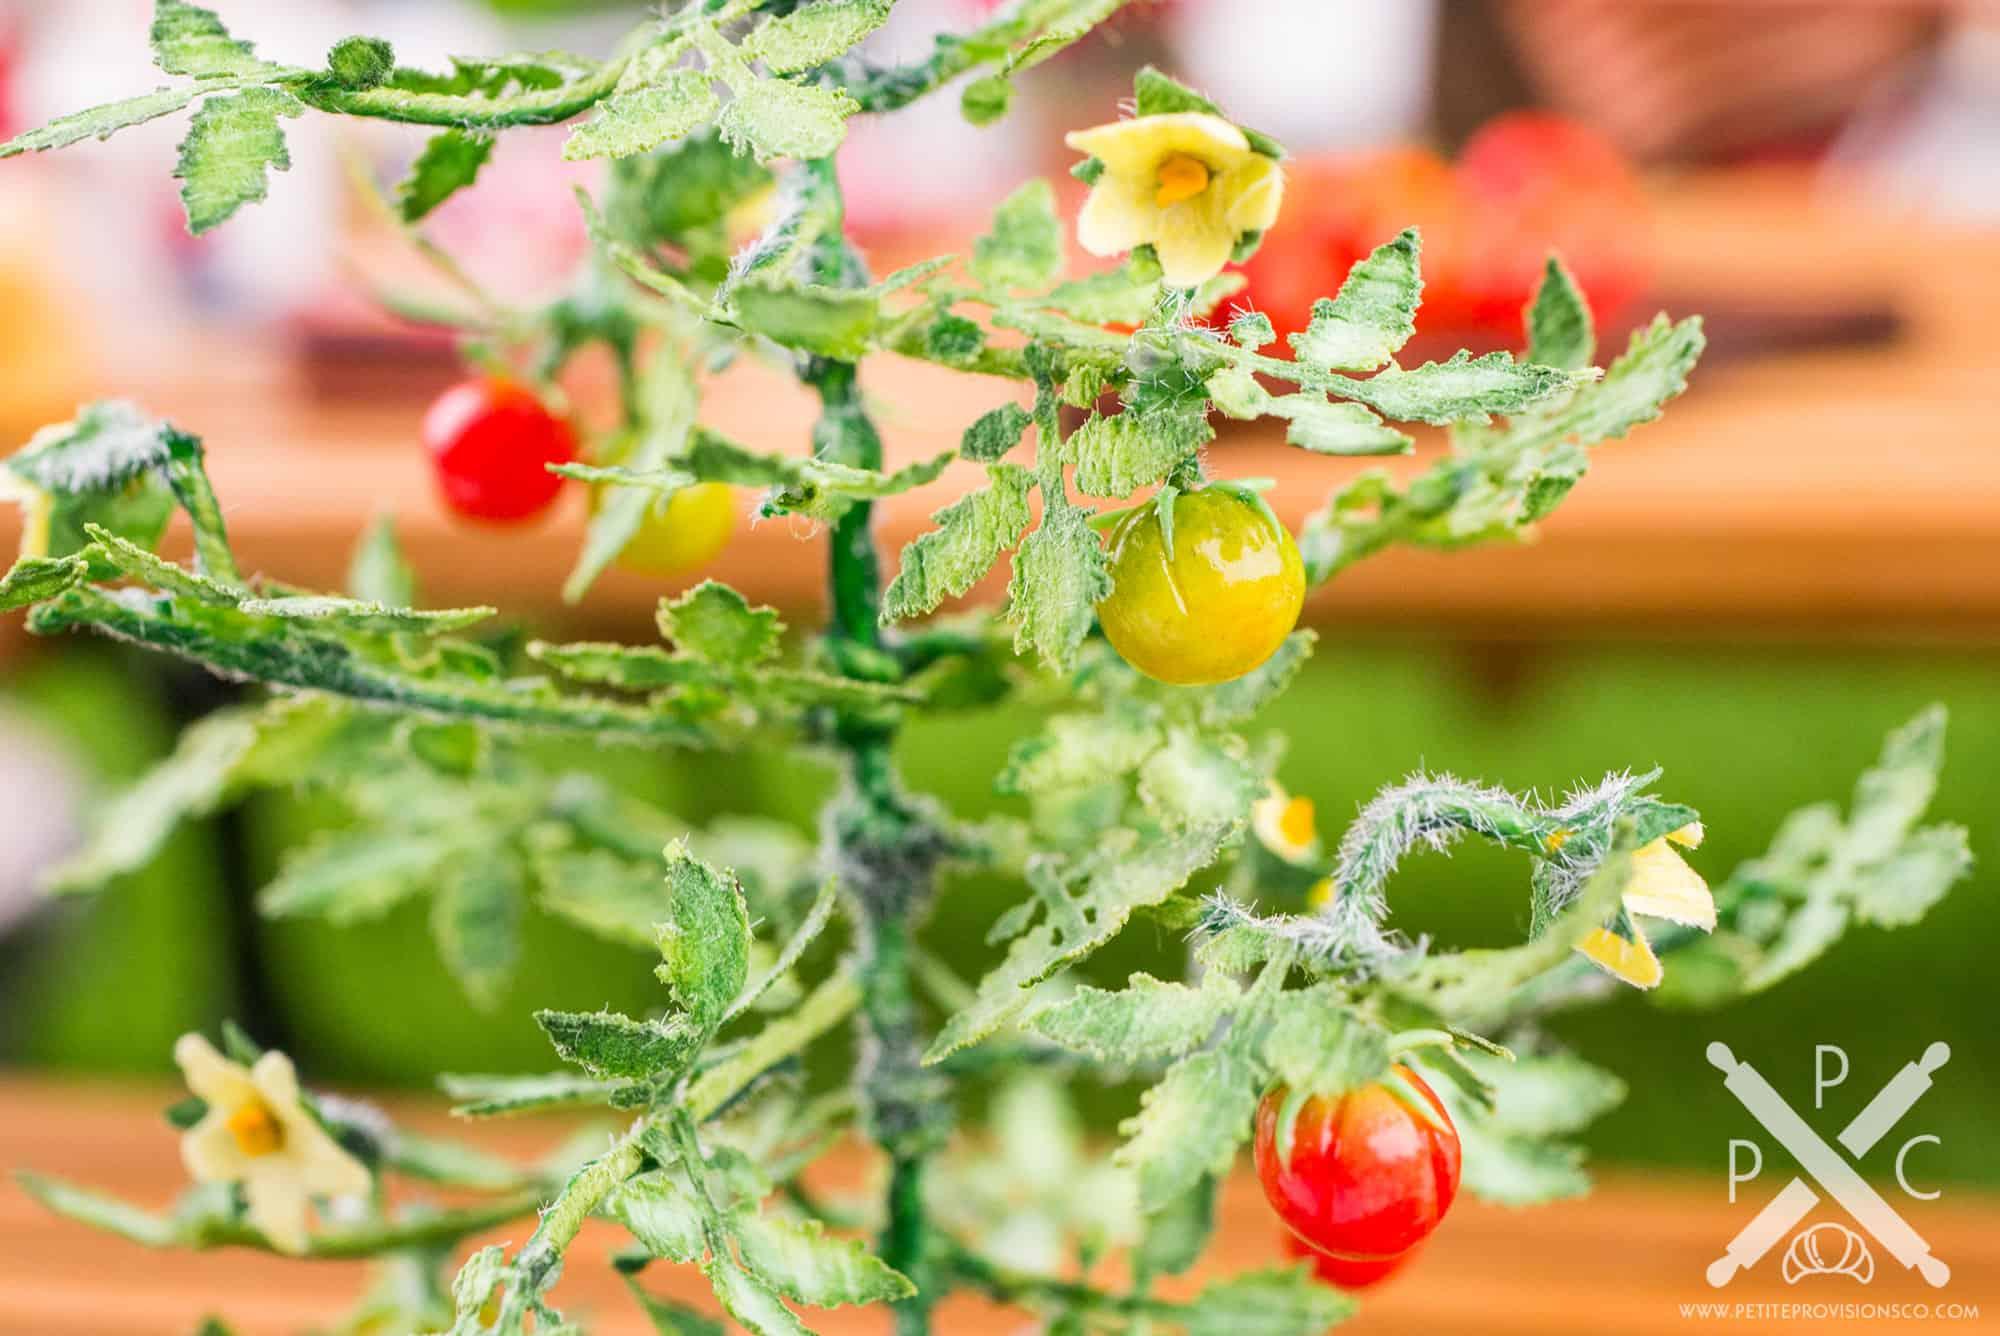 Dollhouse miniature vegetable garden with tomato plant